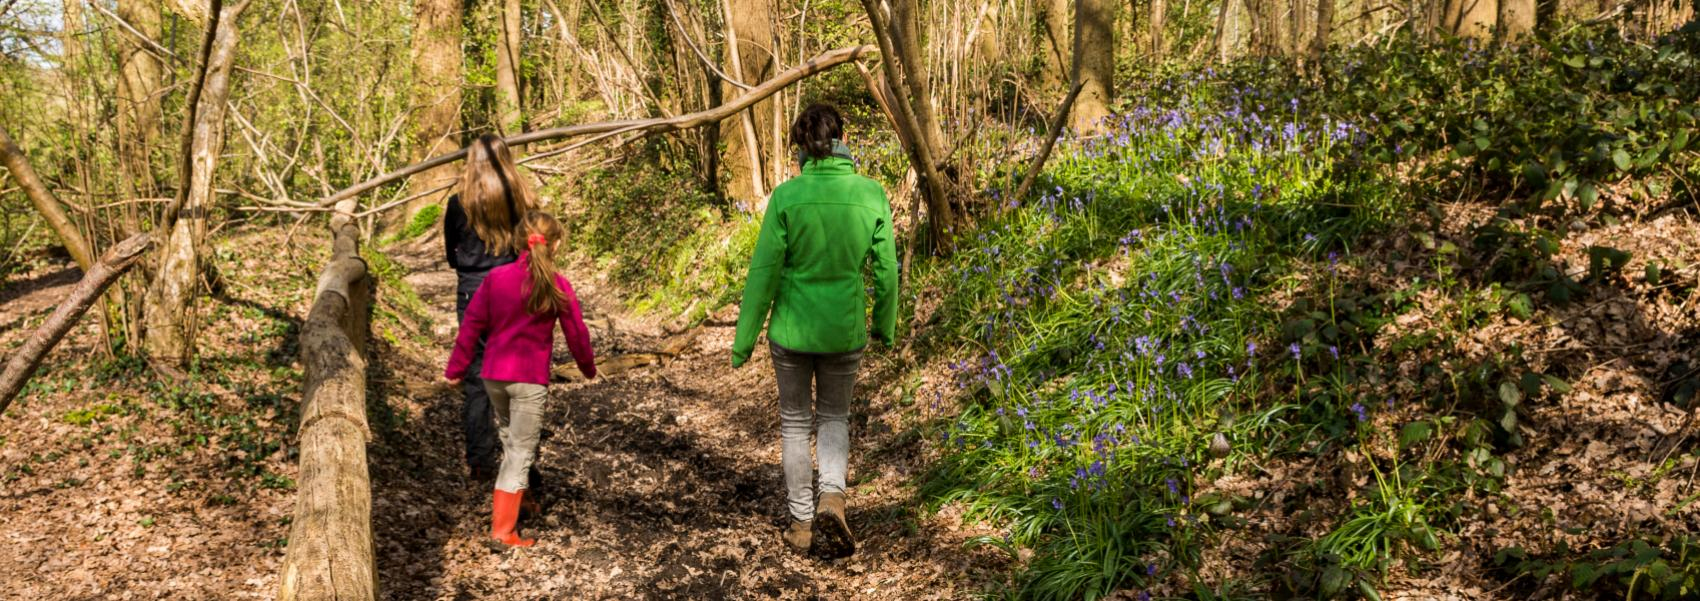 3 wandelaars in het bos